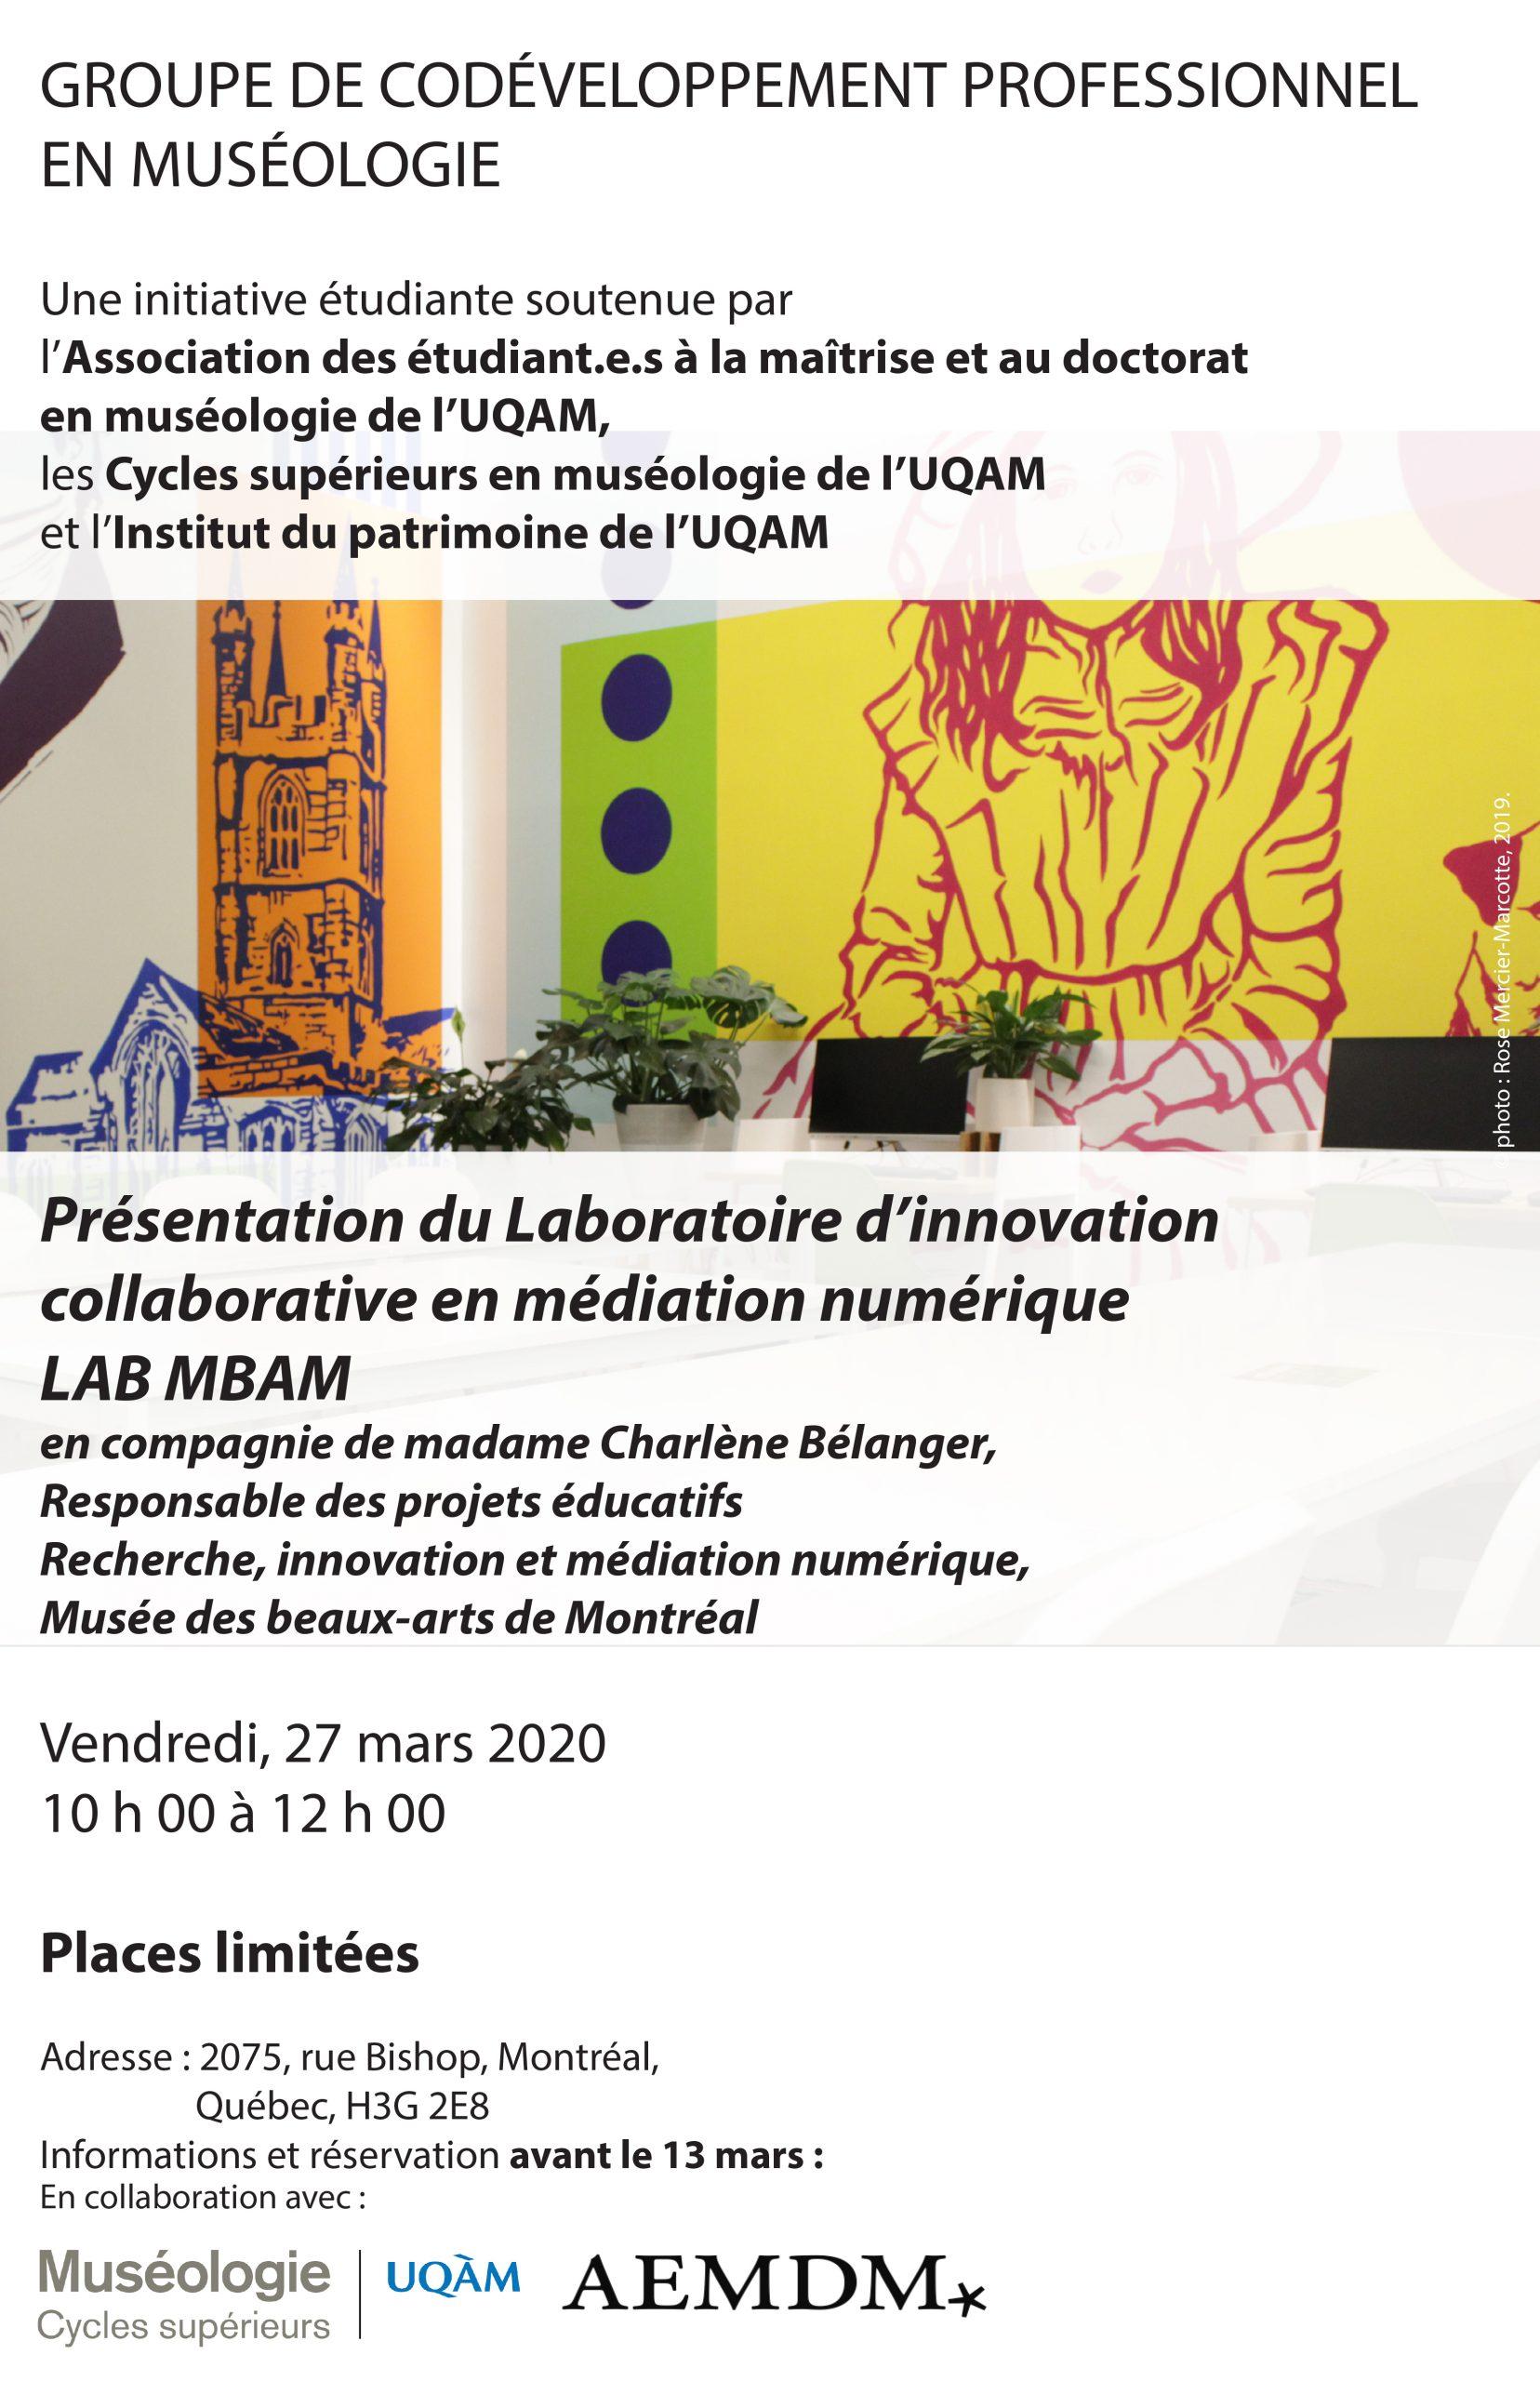 Groupe de codéveloppement professionnel en muséologie | Charlène Bélanger, Musée des beaux-arts de Montréal